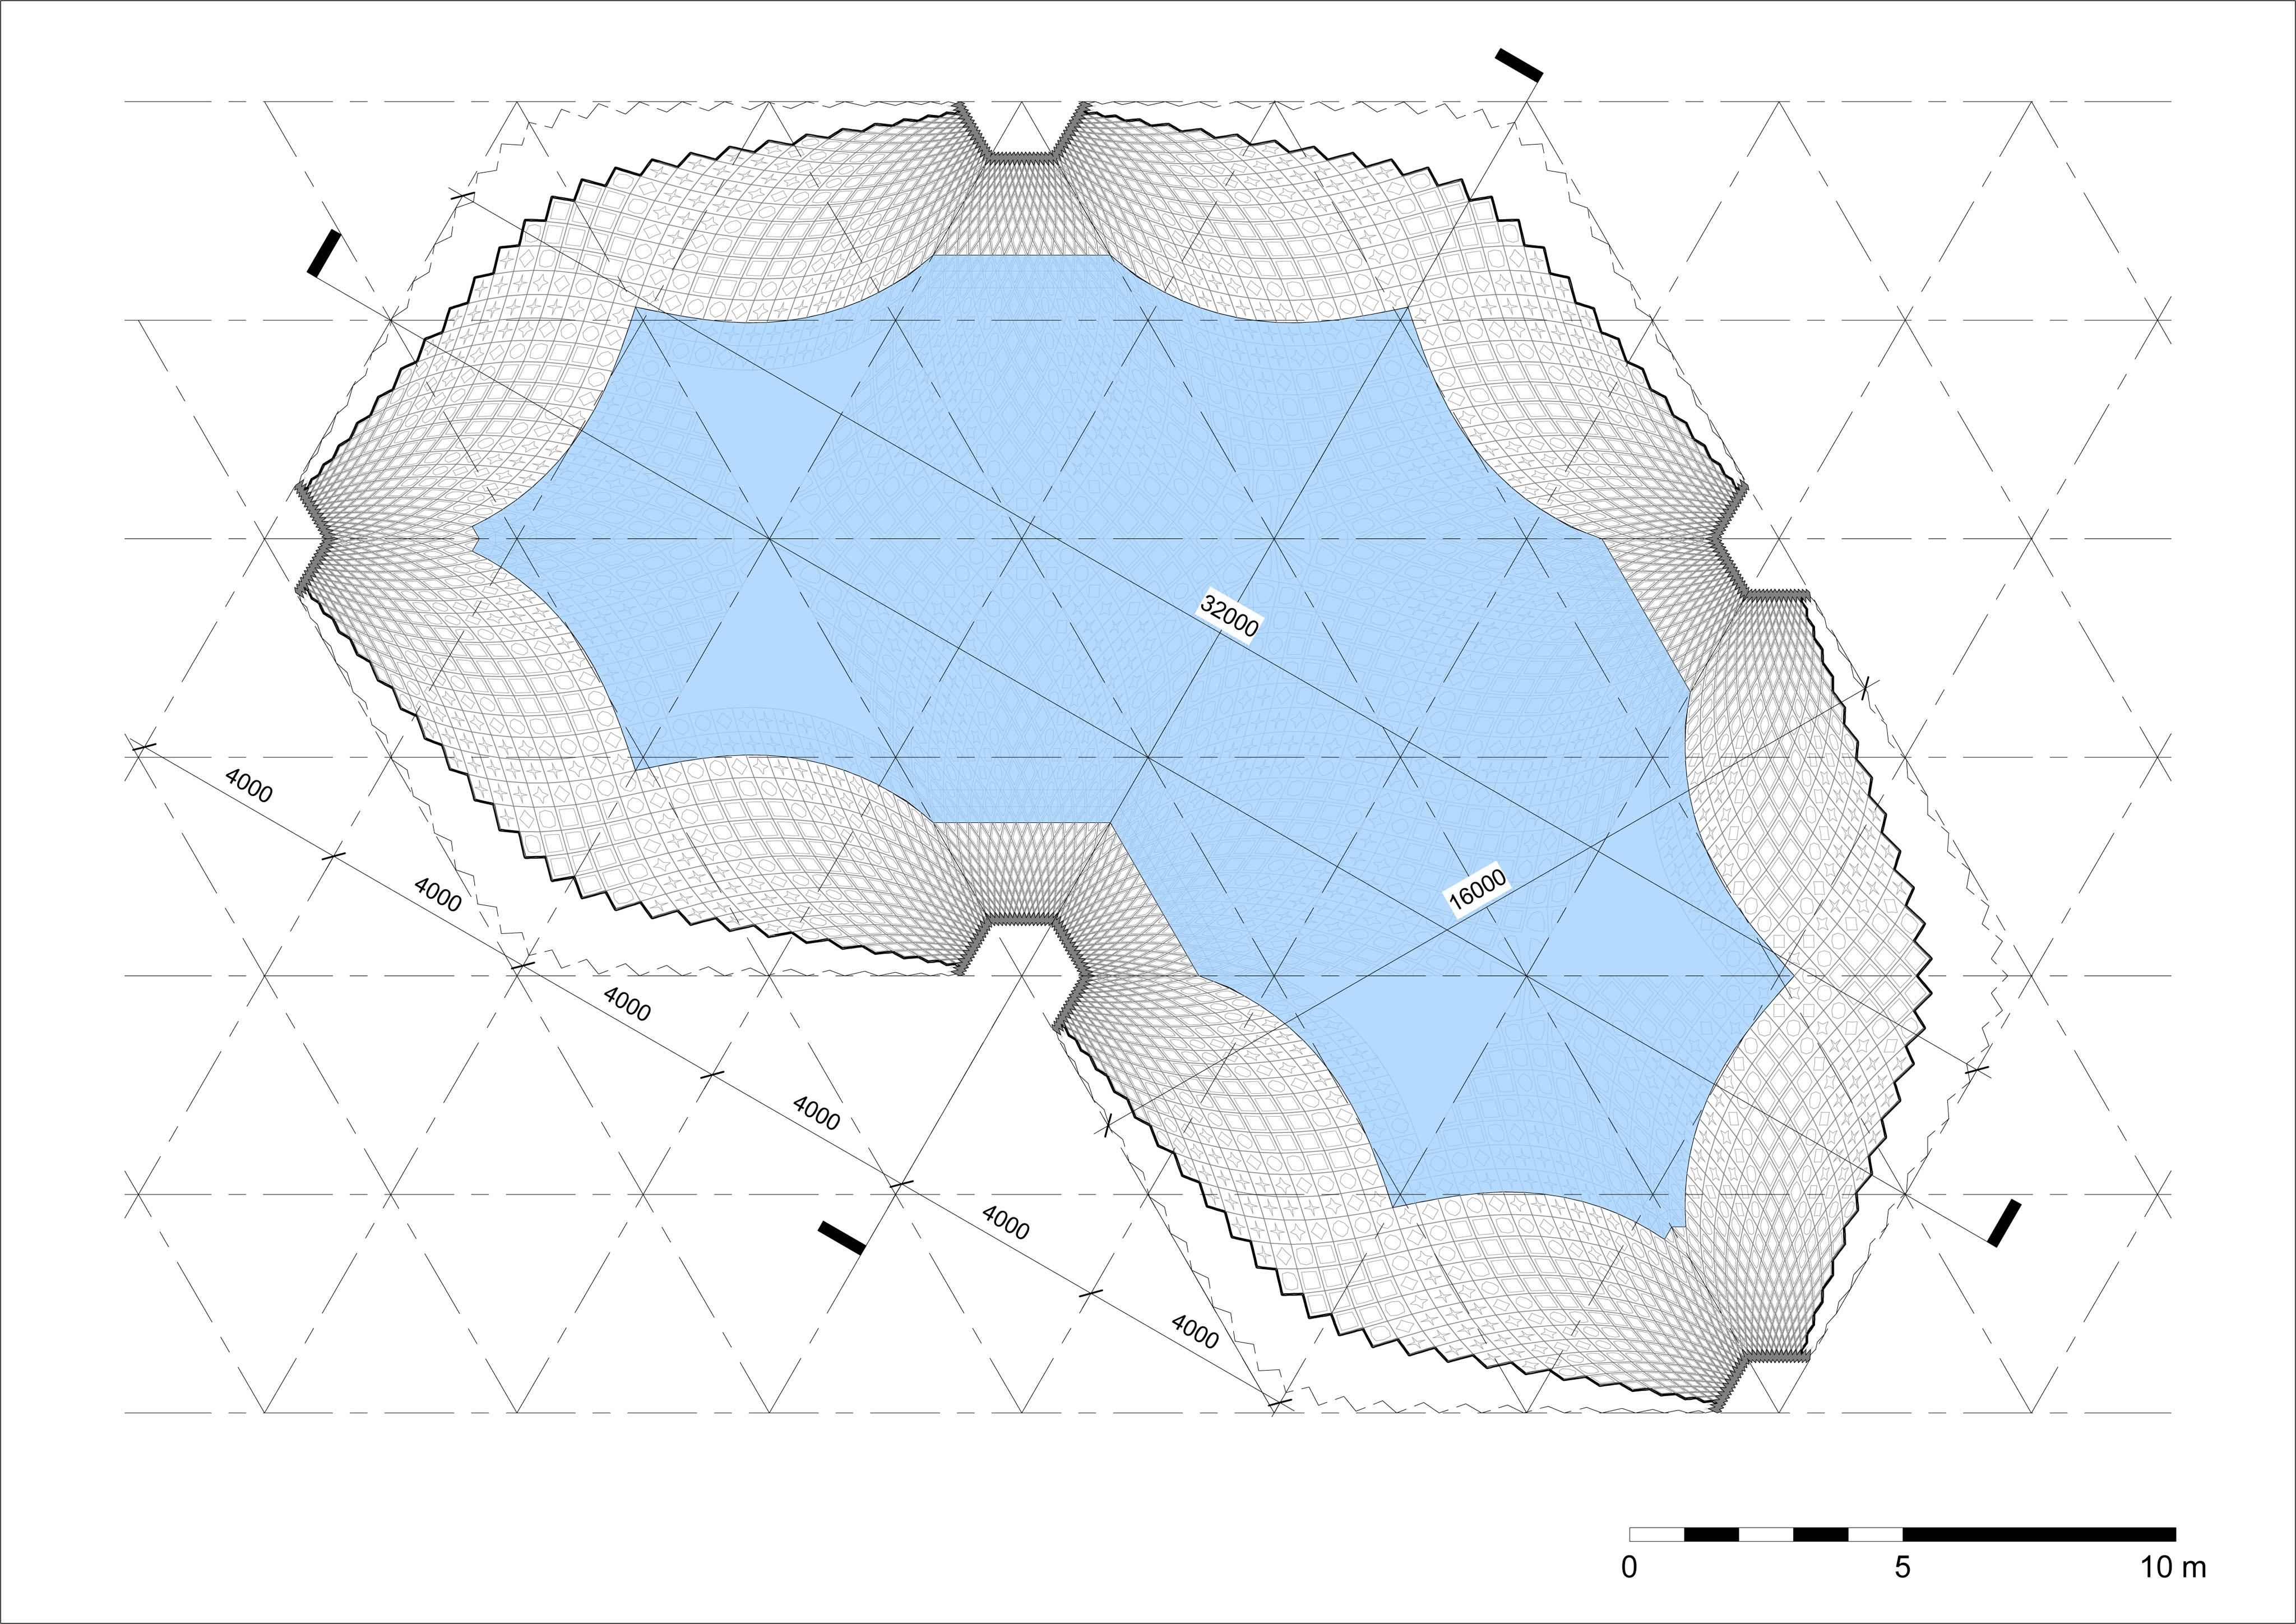 Muqarnas - Sheet - A201 - Pool - Plan